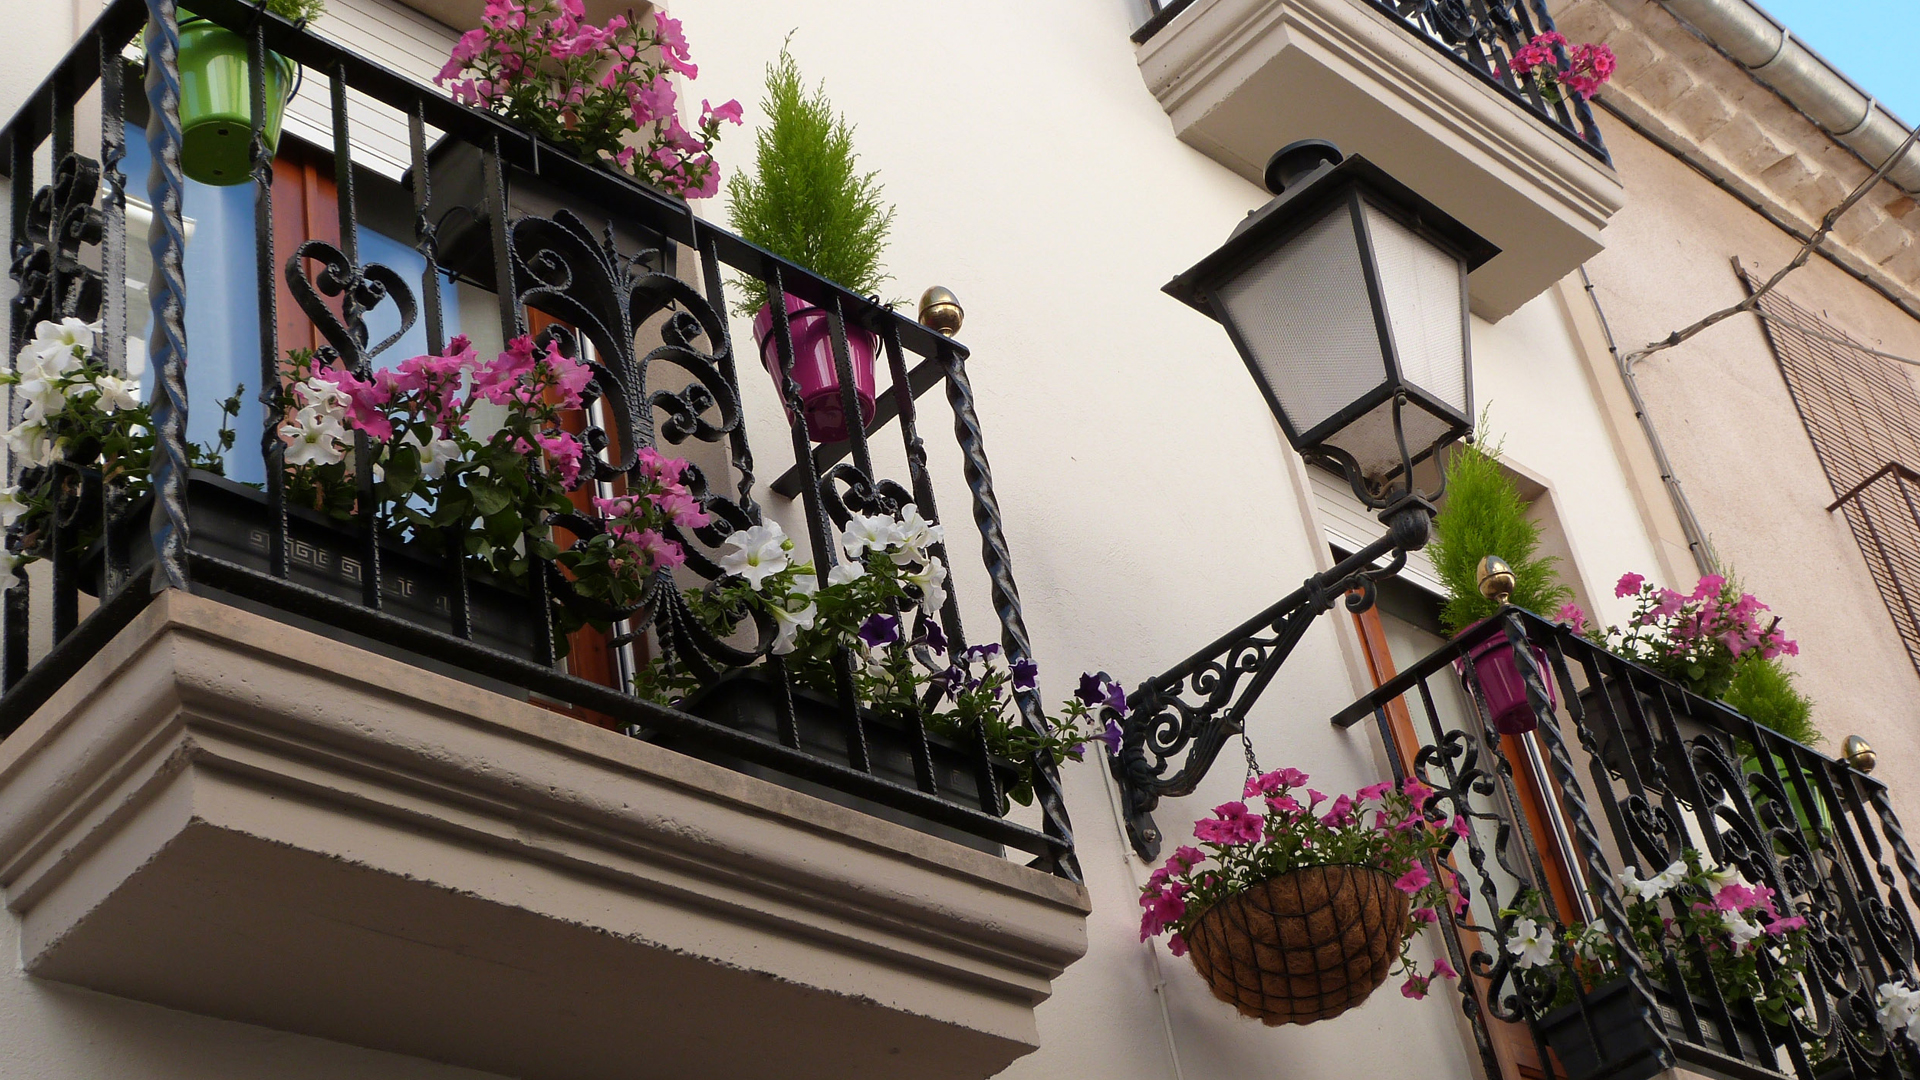 Les Borges elabora una guia per visitar els espais engalanats de la ciutat dins la campanya Les Garrigues en Flor